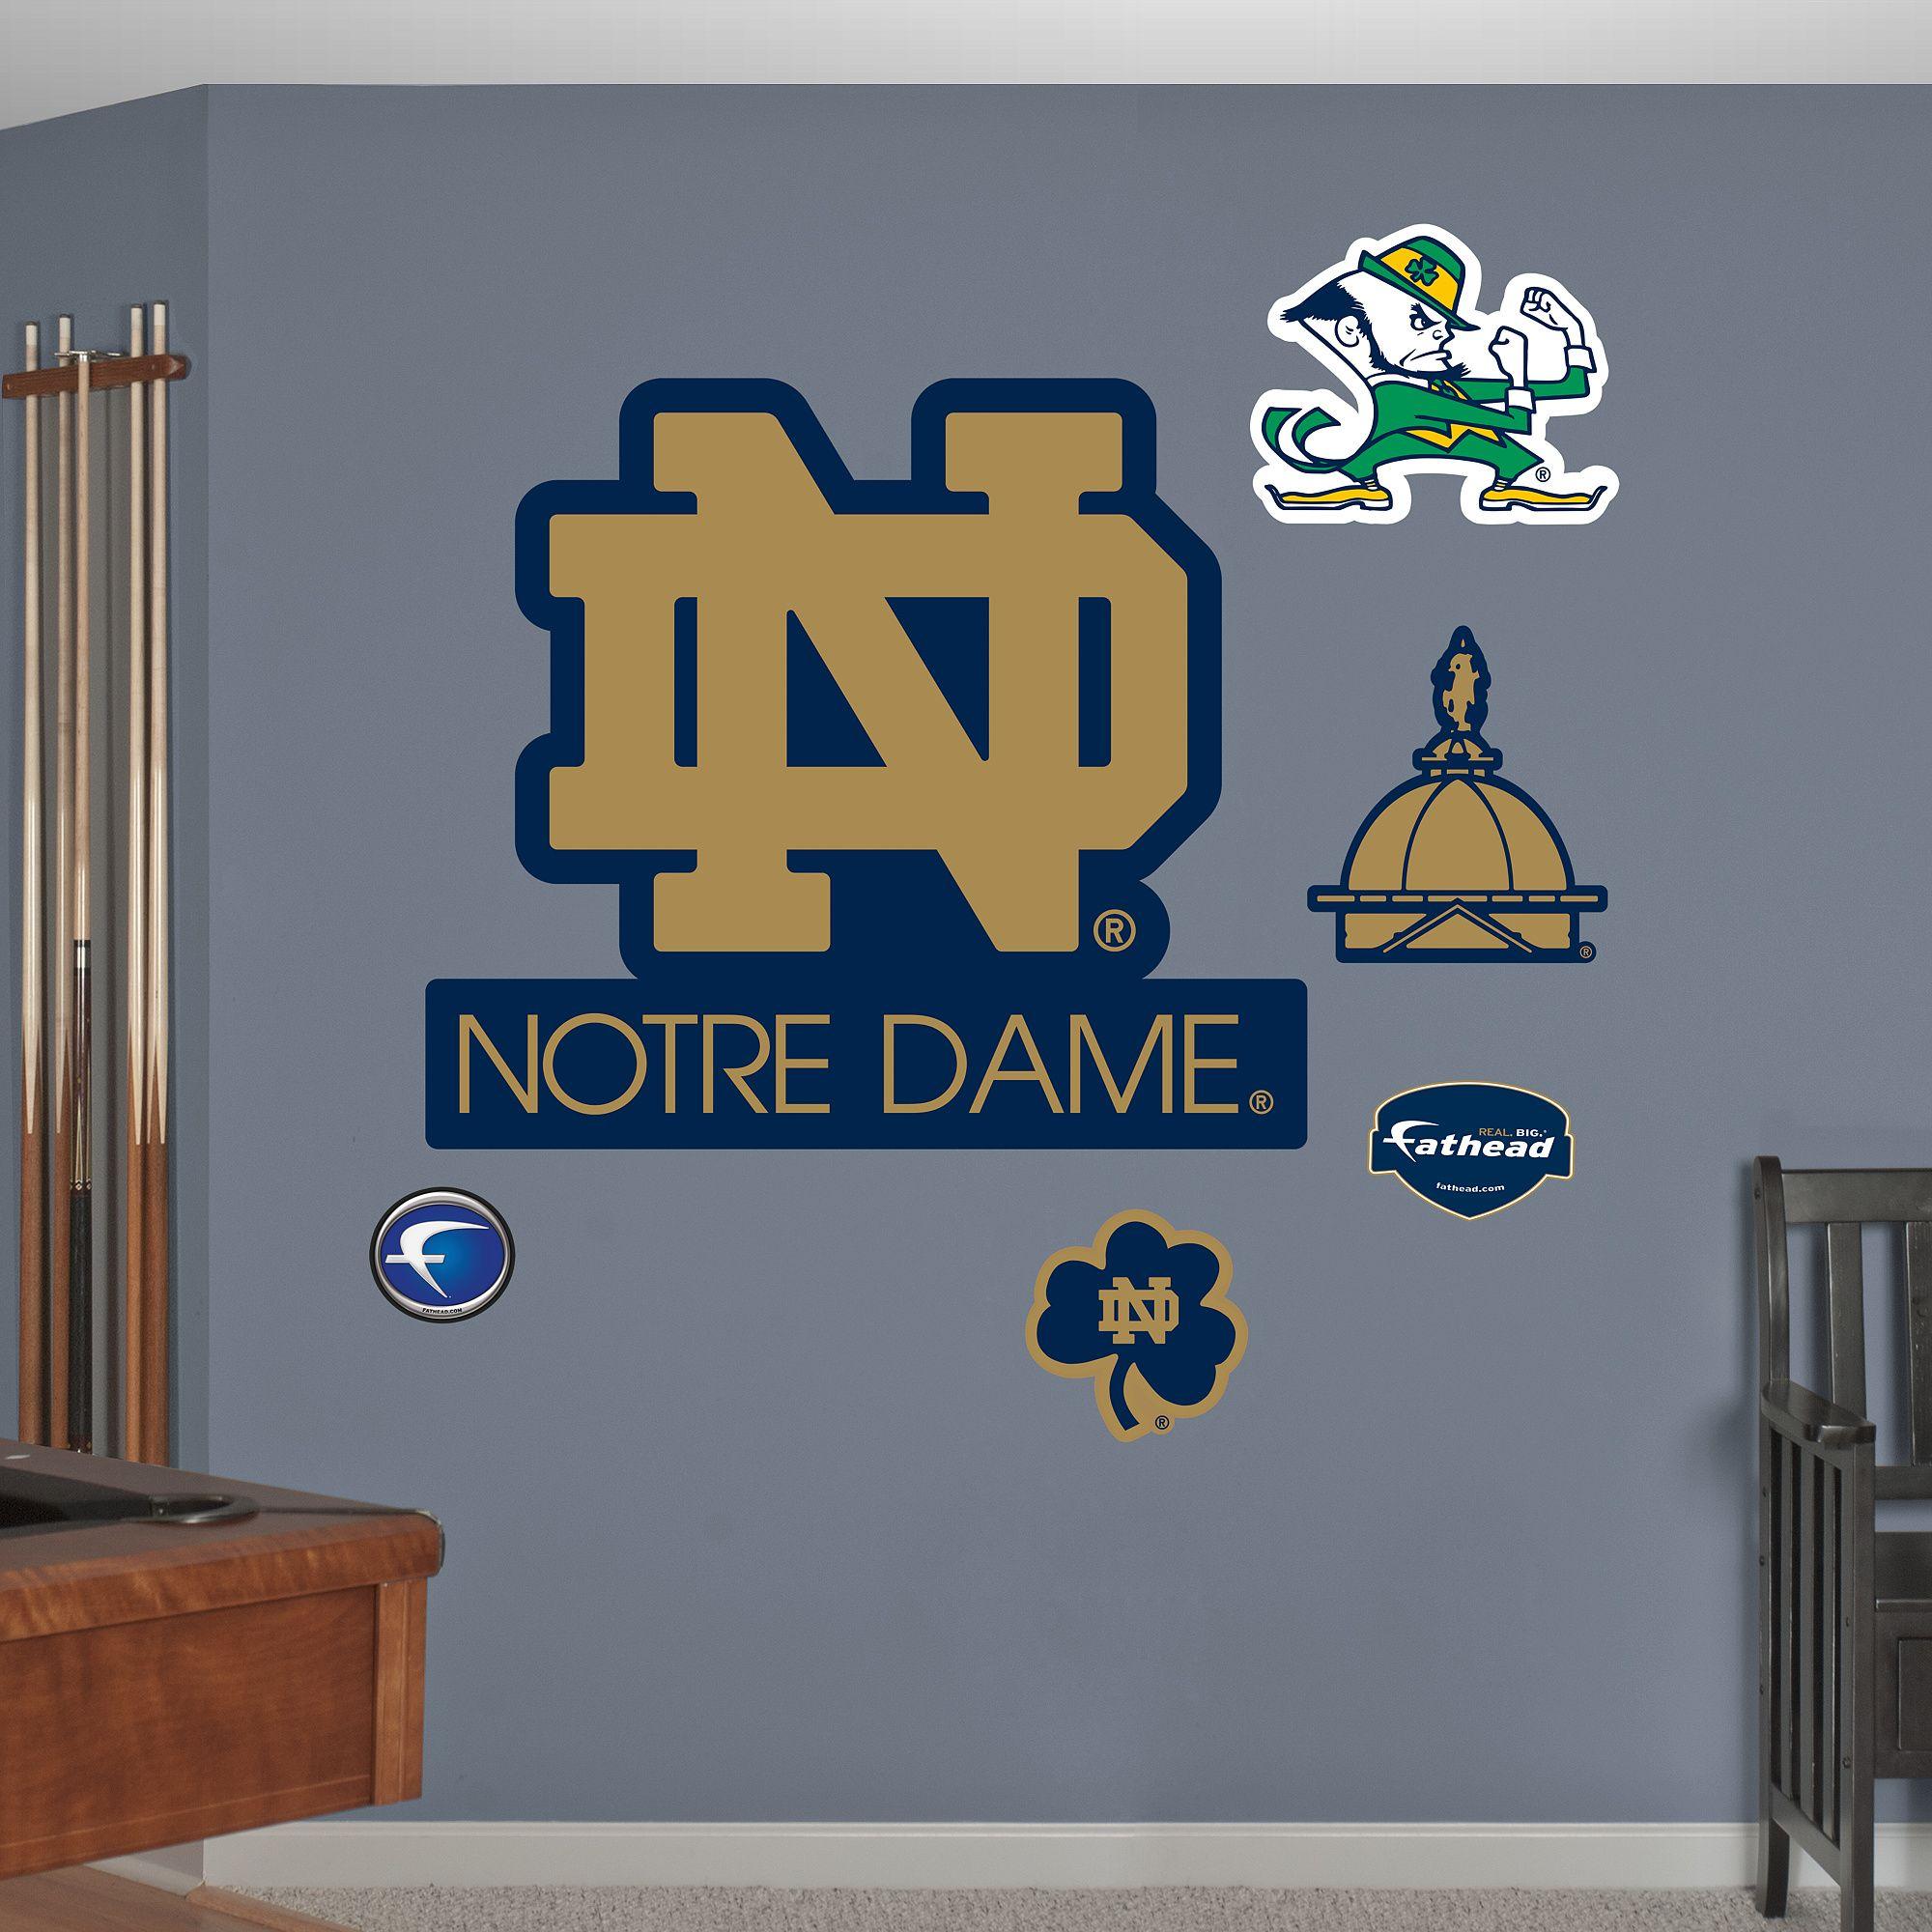 Notre Dame Wall Murals